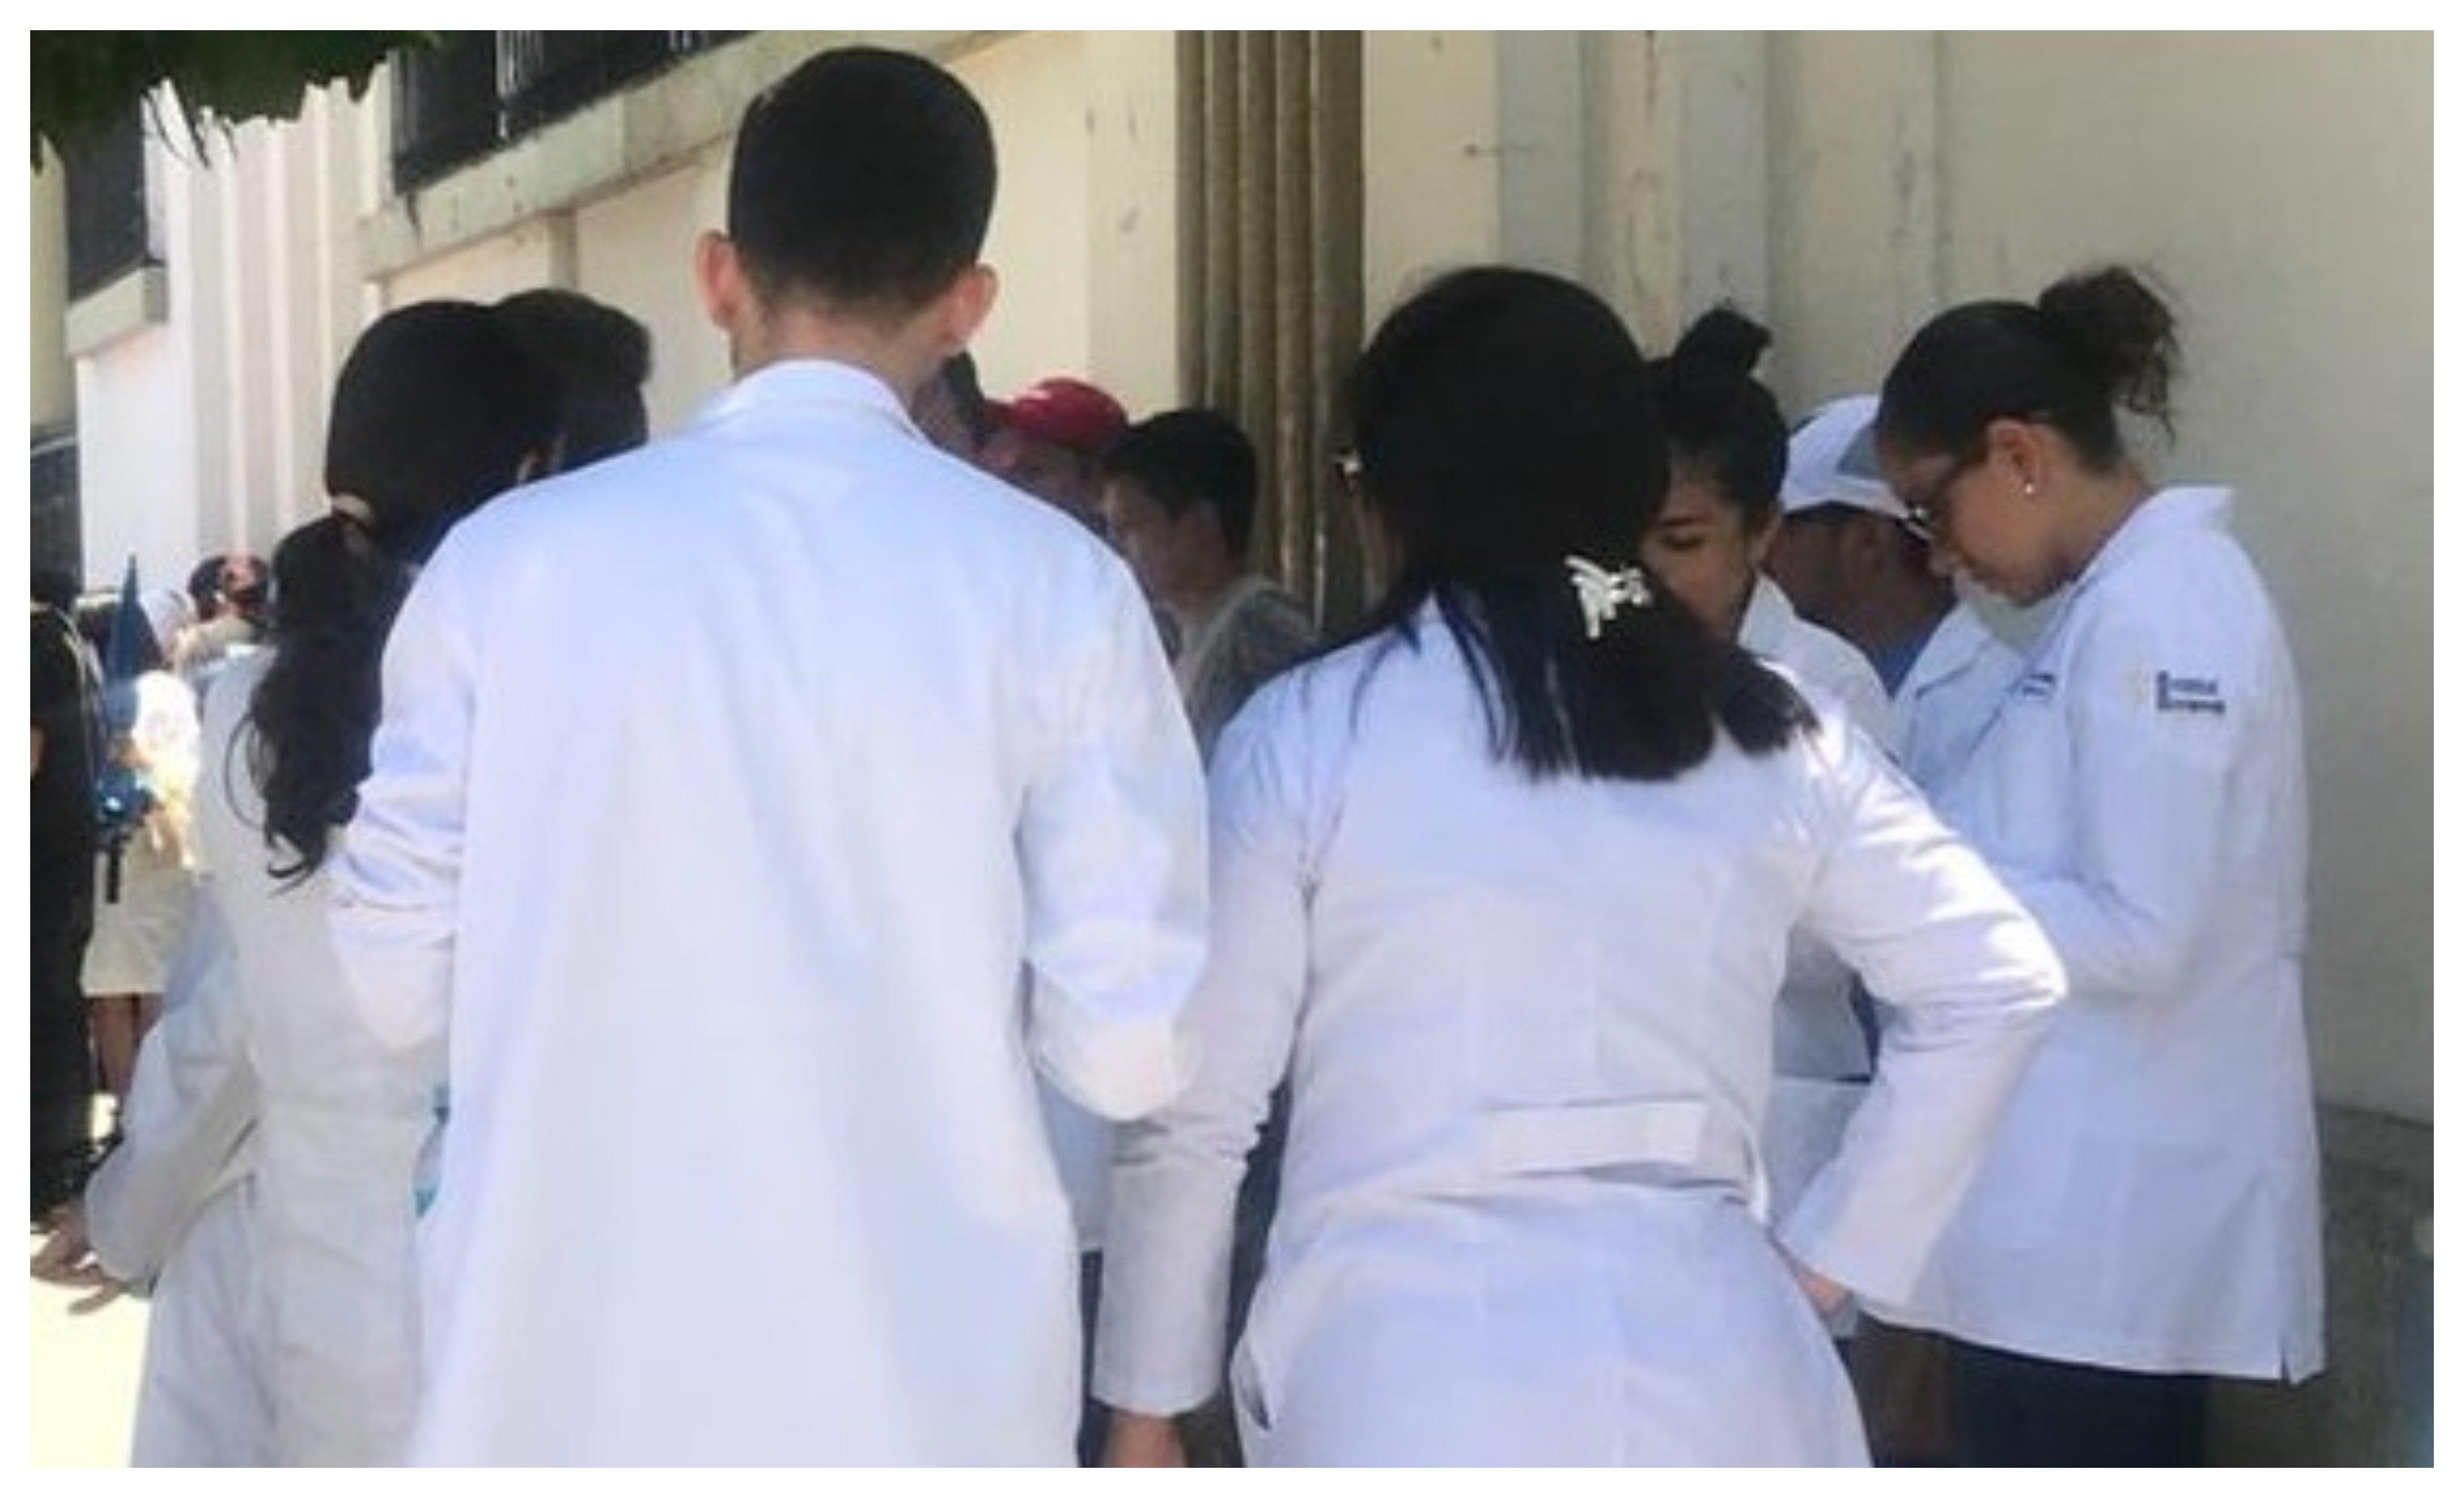 Médicos reunidos